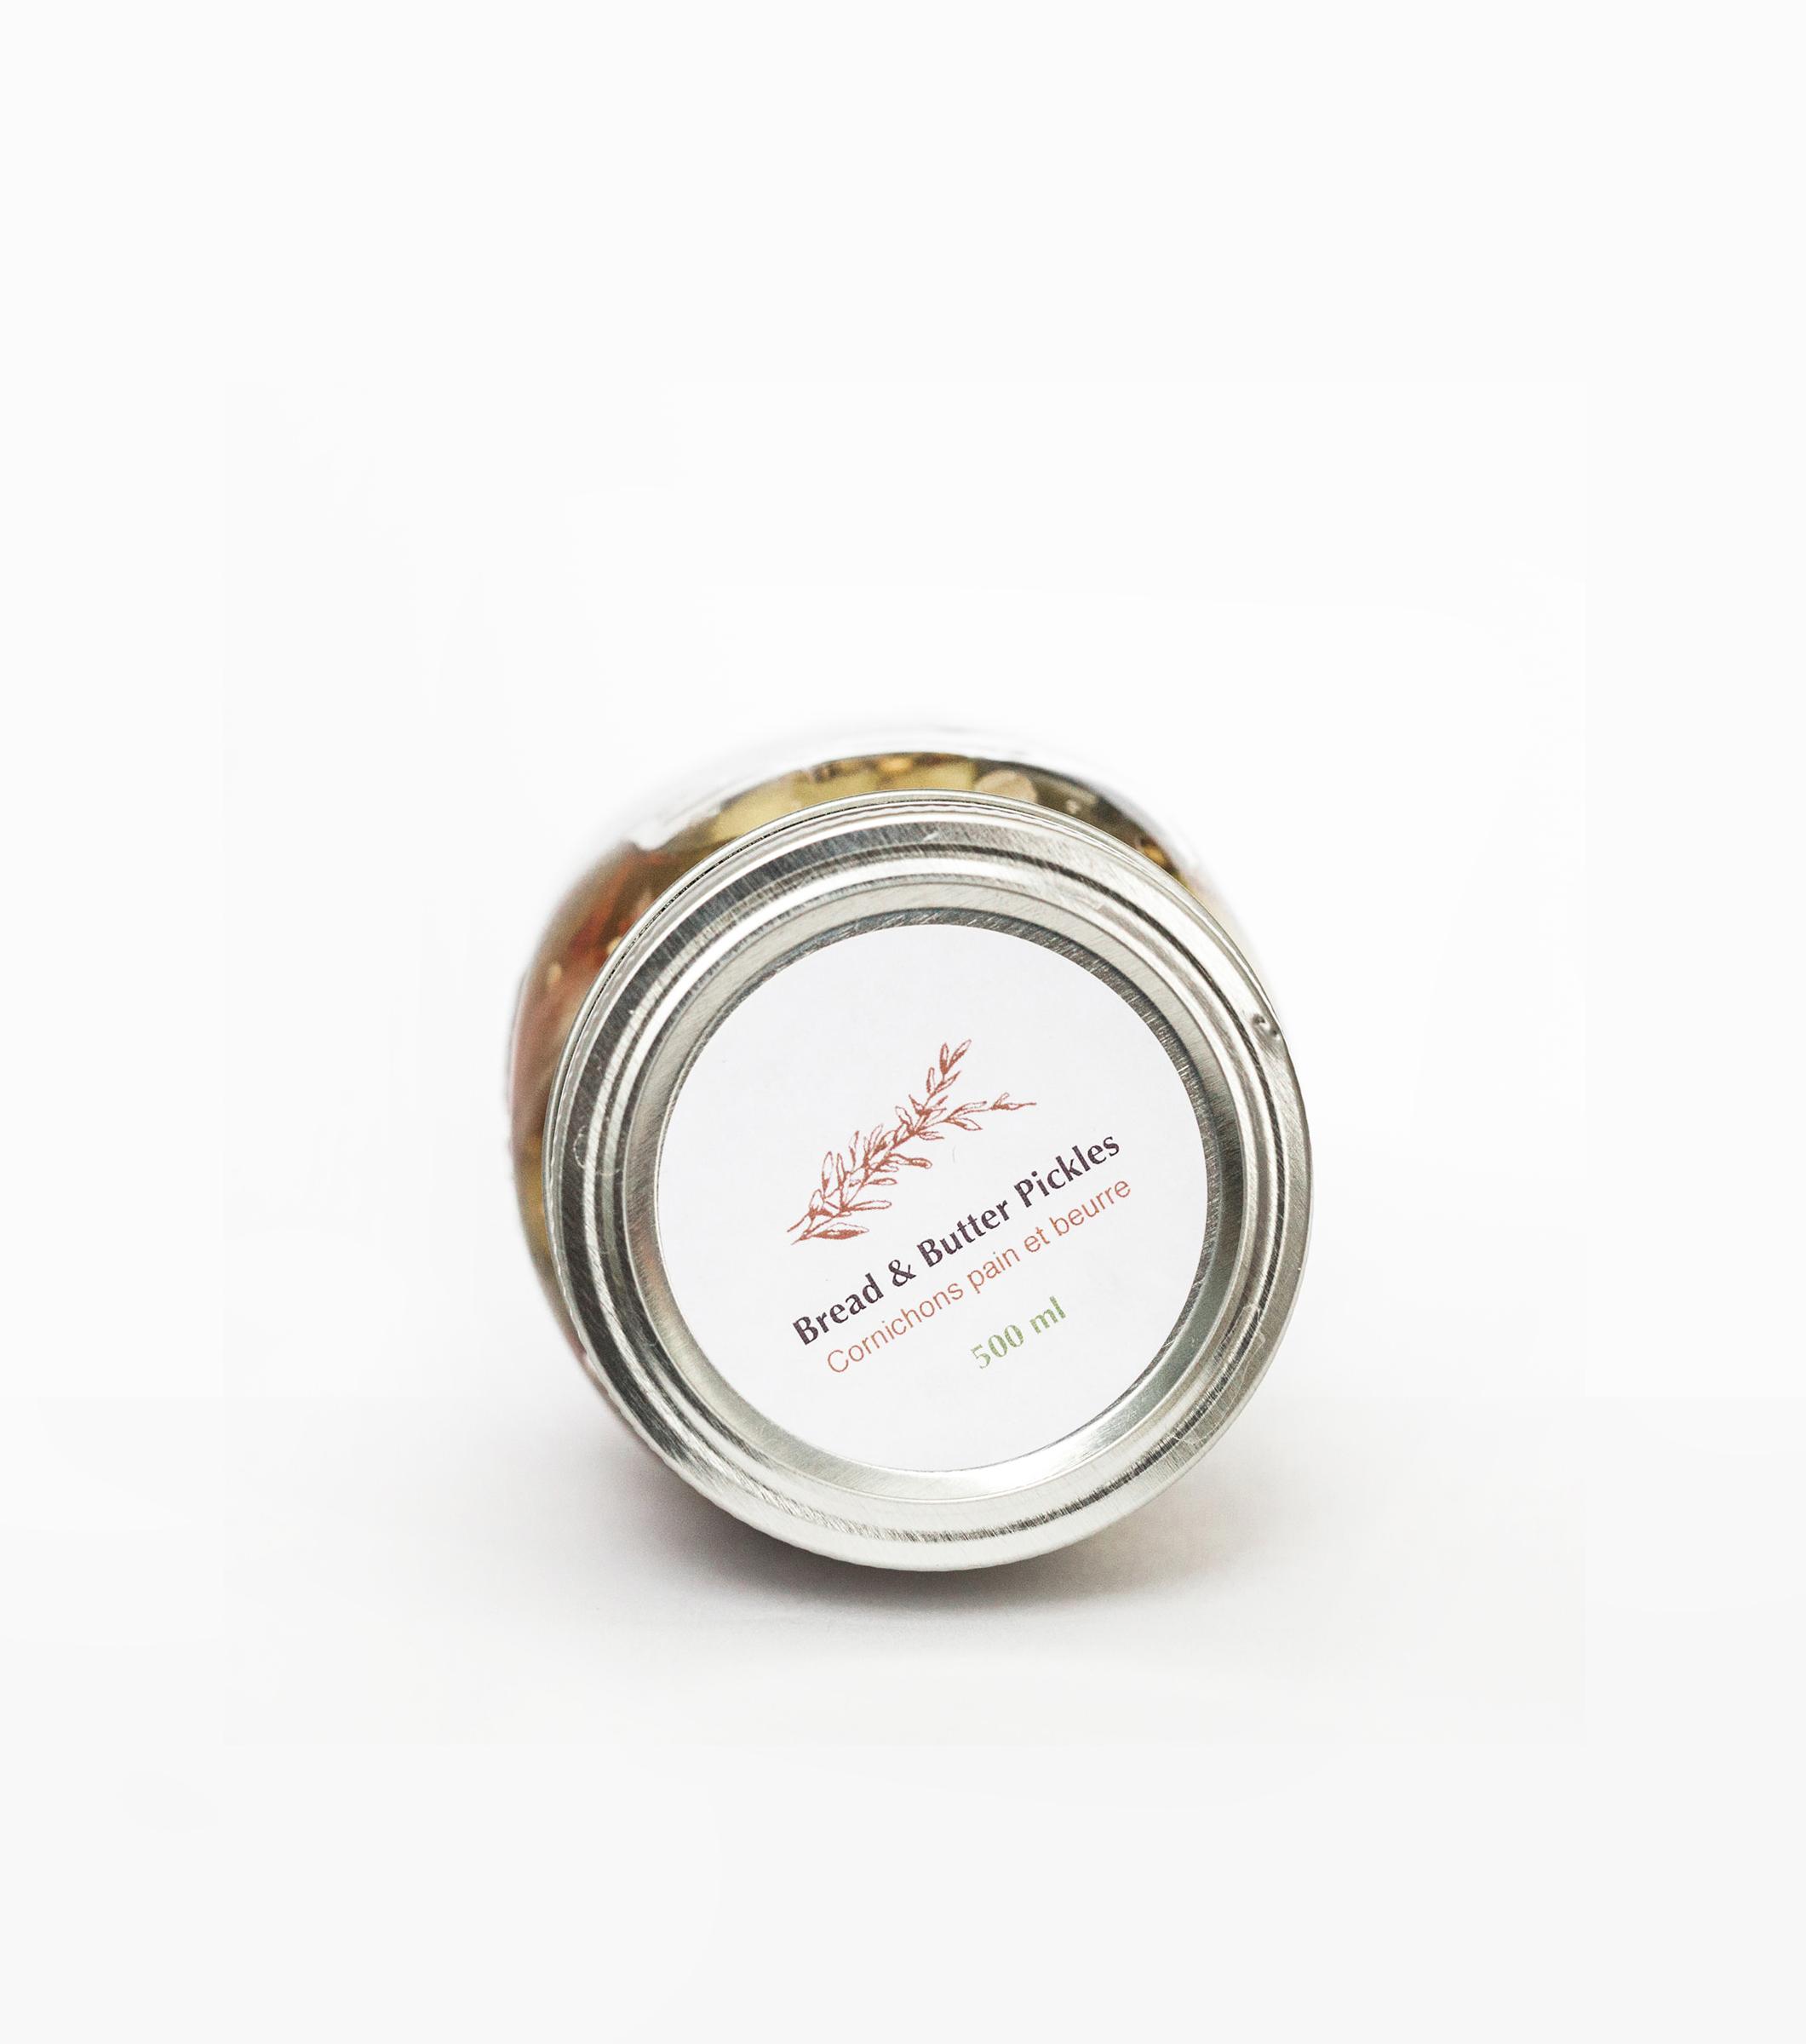 Preserved Foods Boutique // Logo Design and Packaging Design // Bexley Design Co